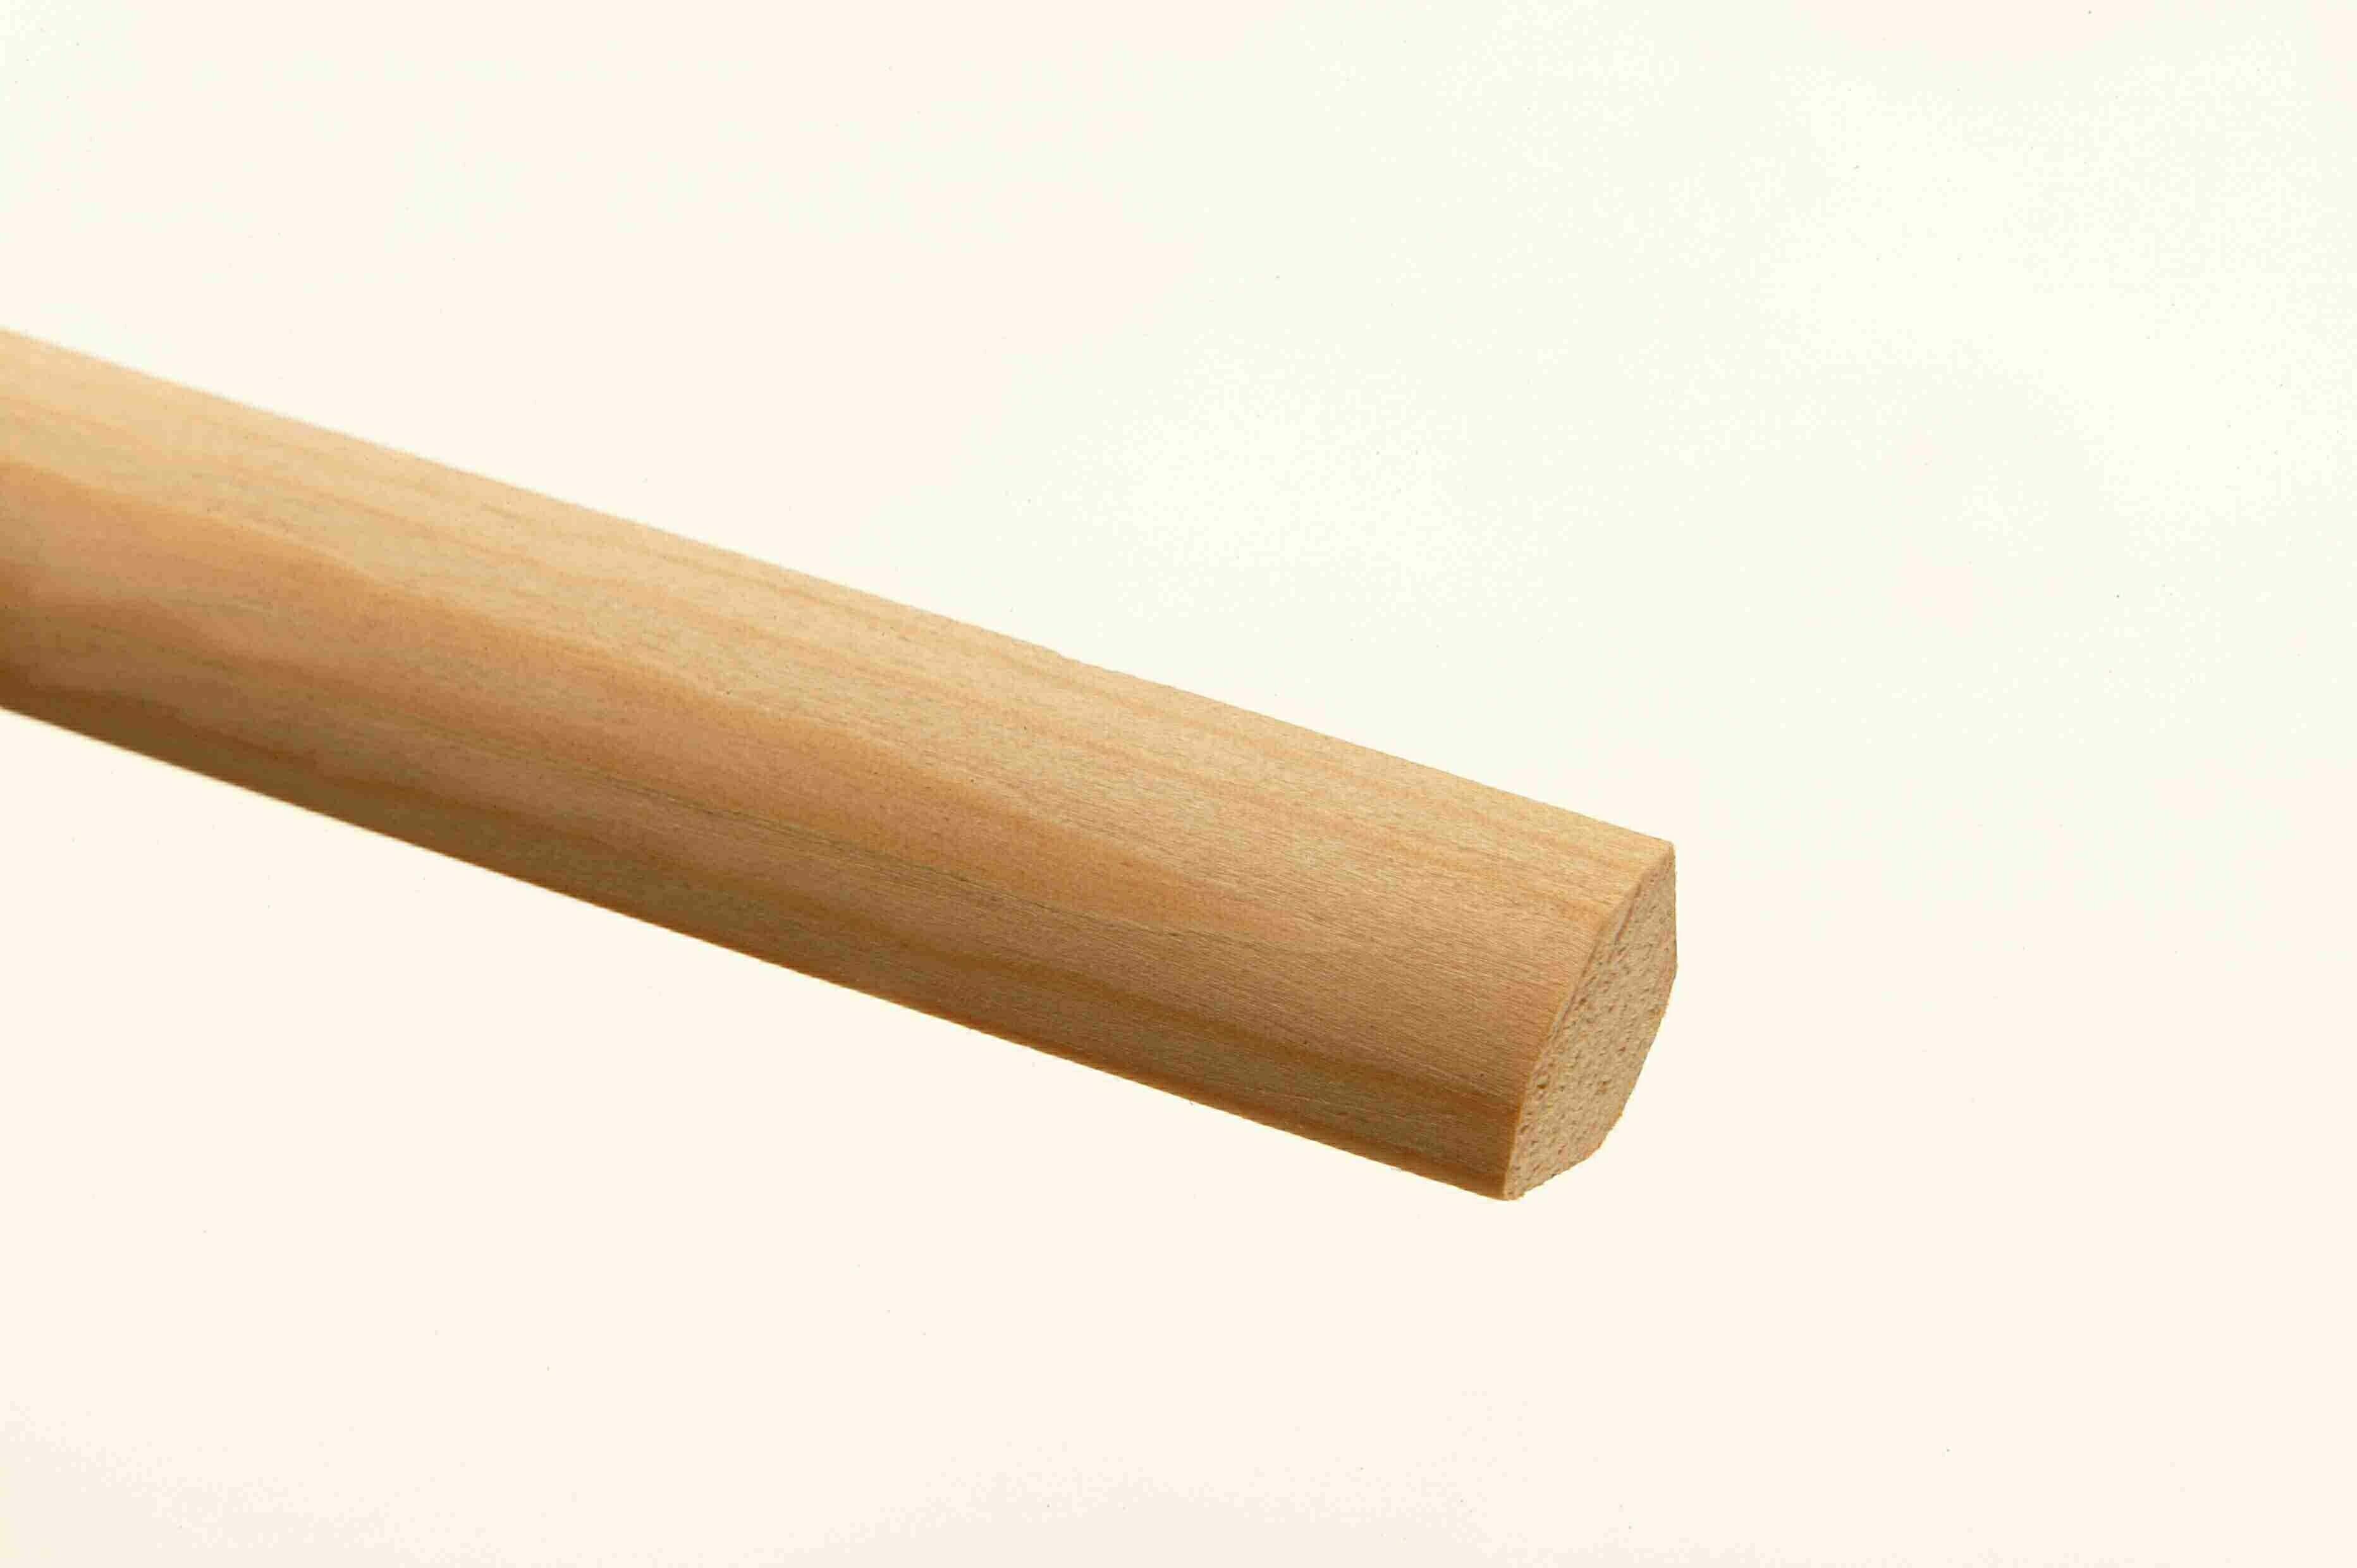 20 Pine Back-Off Quadrant Mouldings 21 x 21 x 2400mm